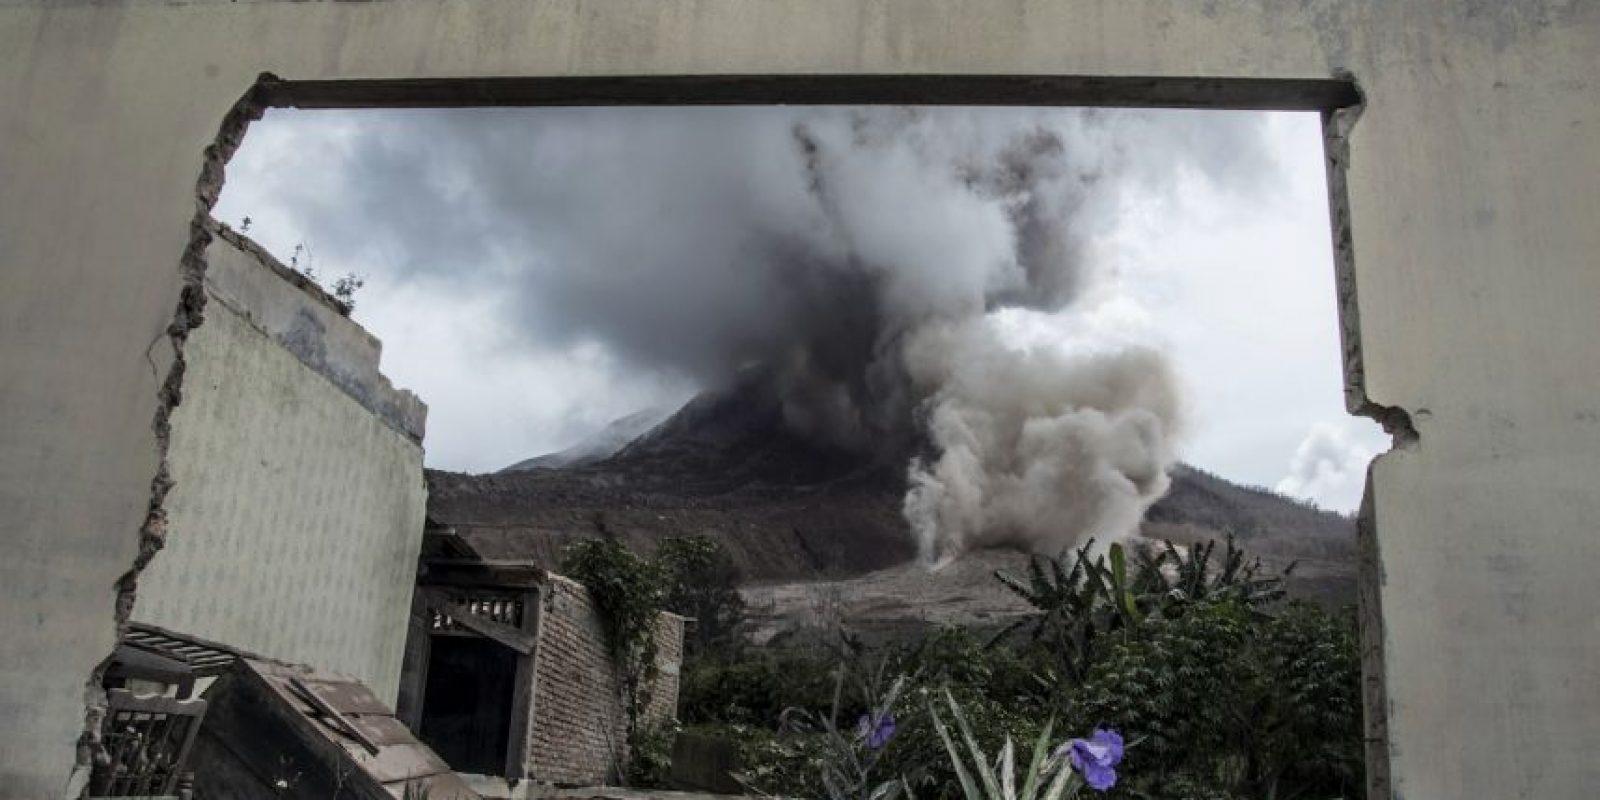 Los científicos temen que reaccione violentamente en las próximas semanas. Foto:AFP